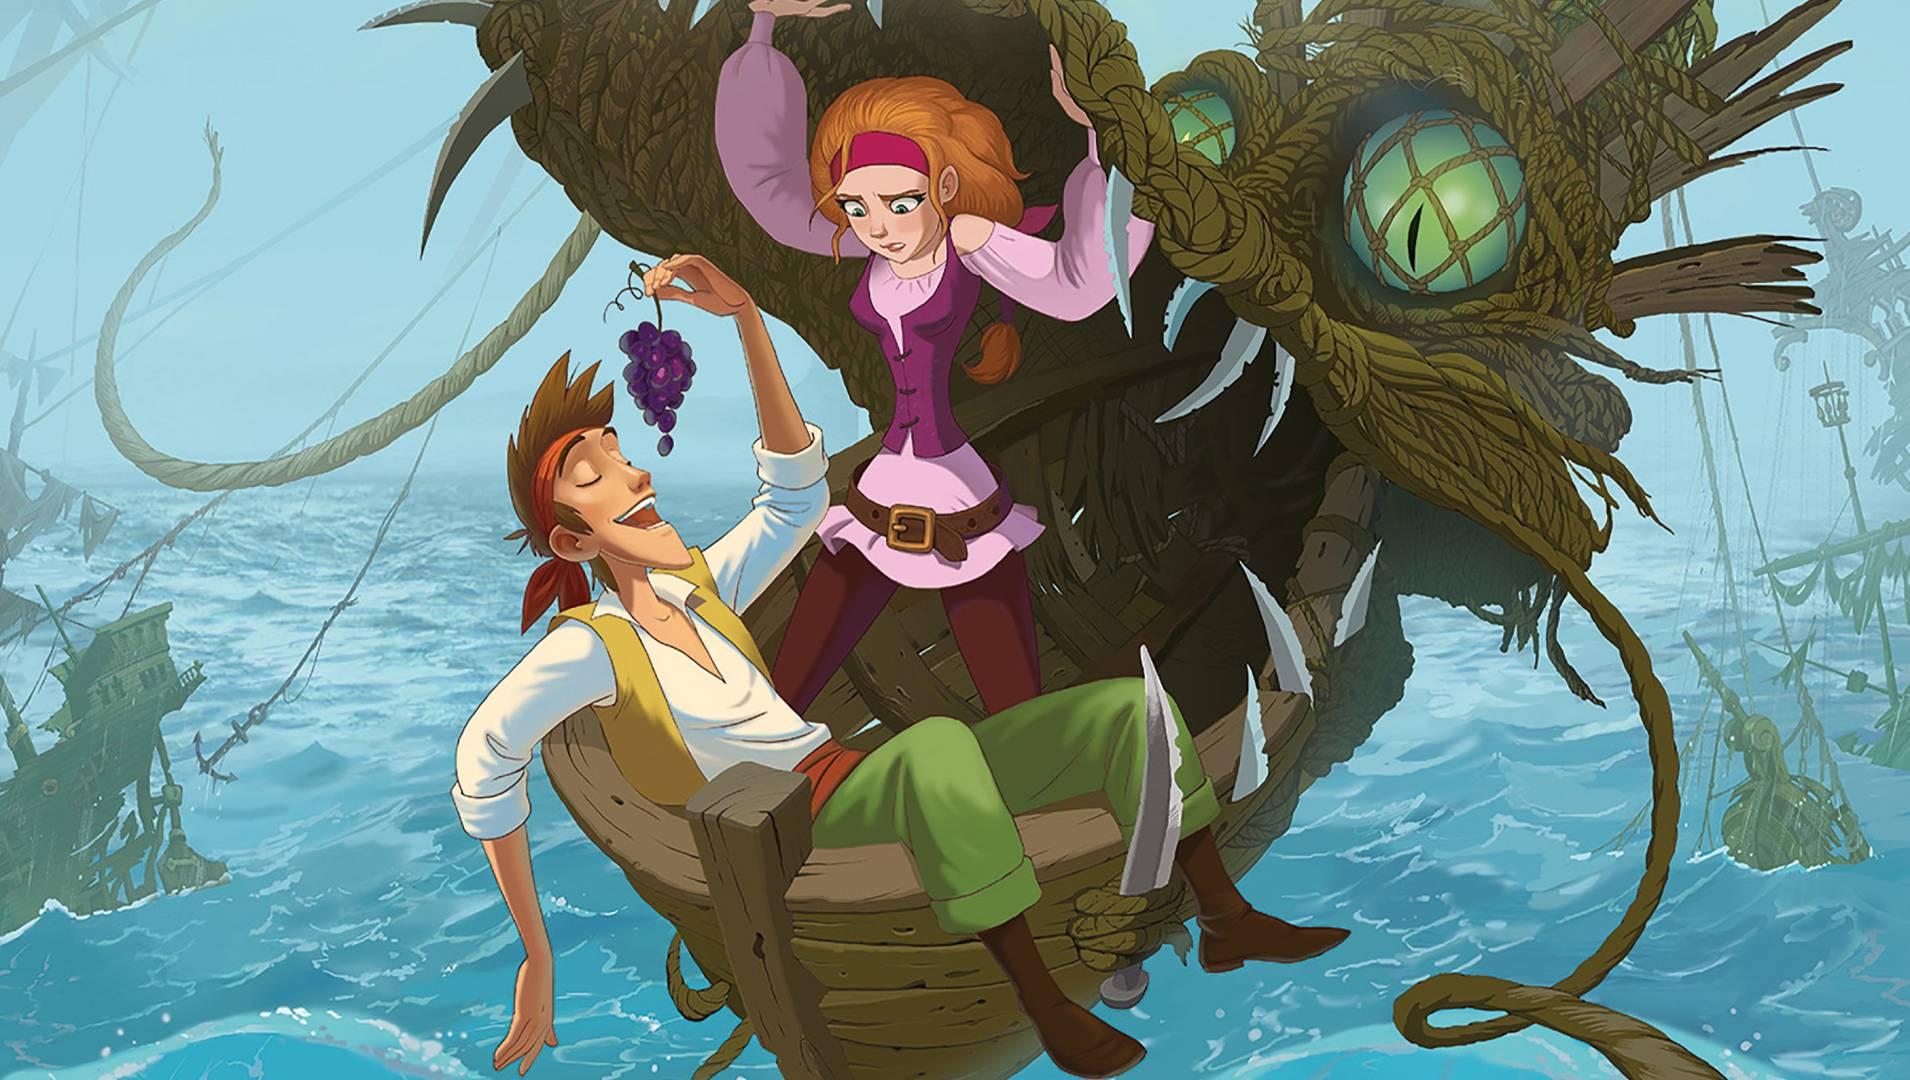 Синдбад: Пираты семи штормов - Анимационный фильм